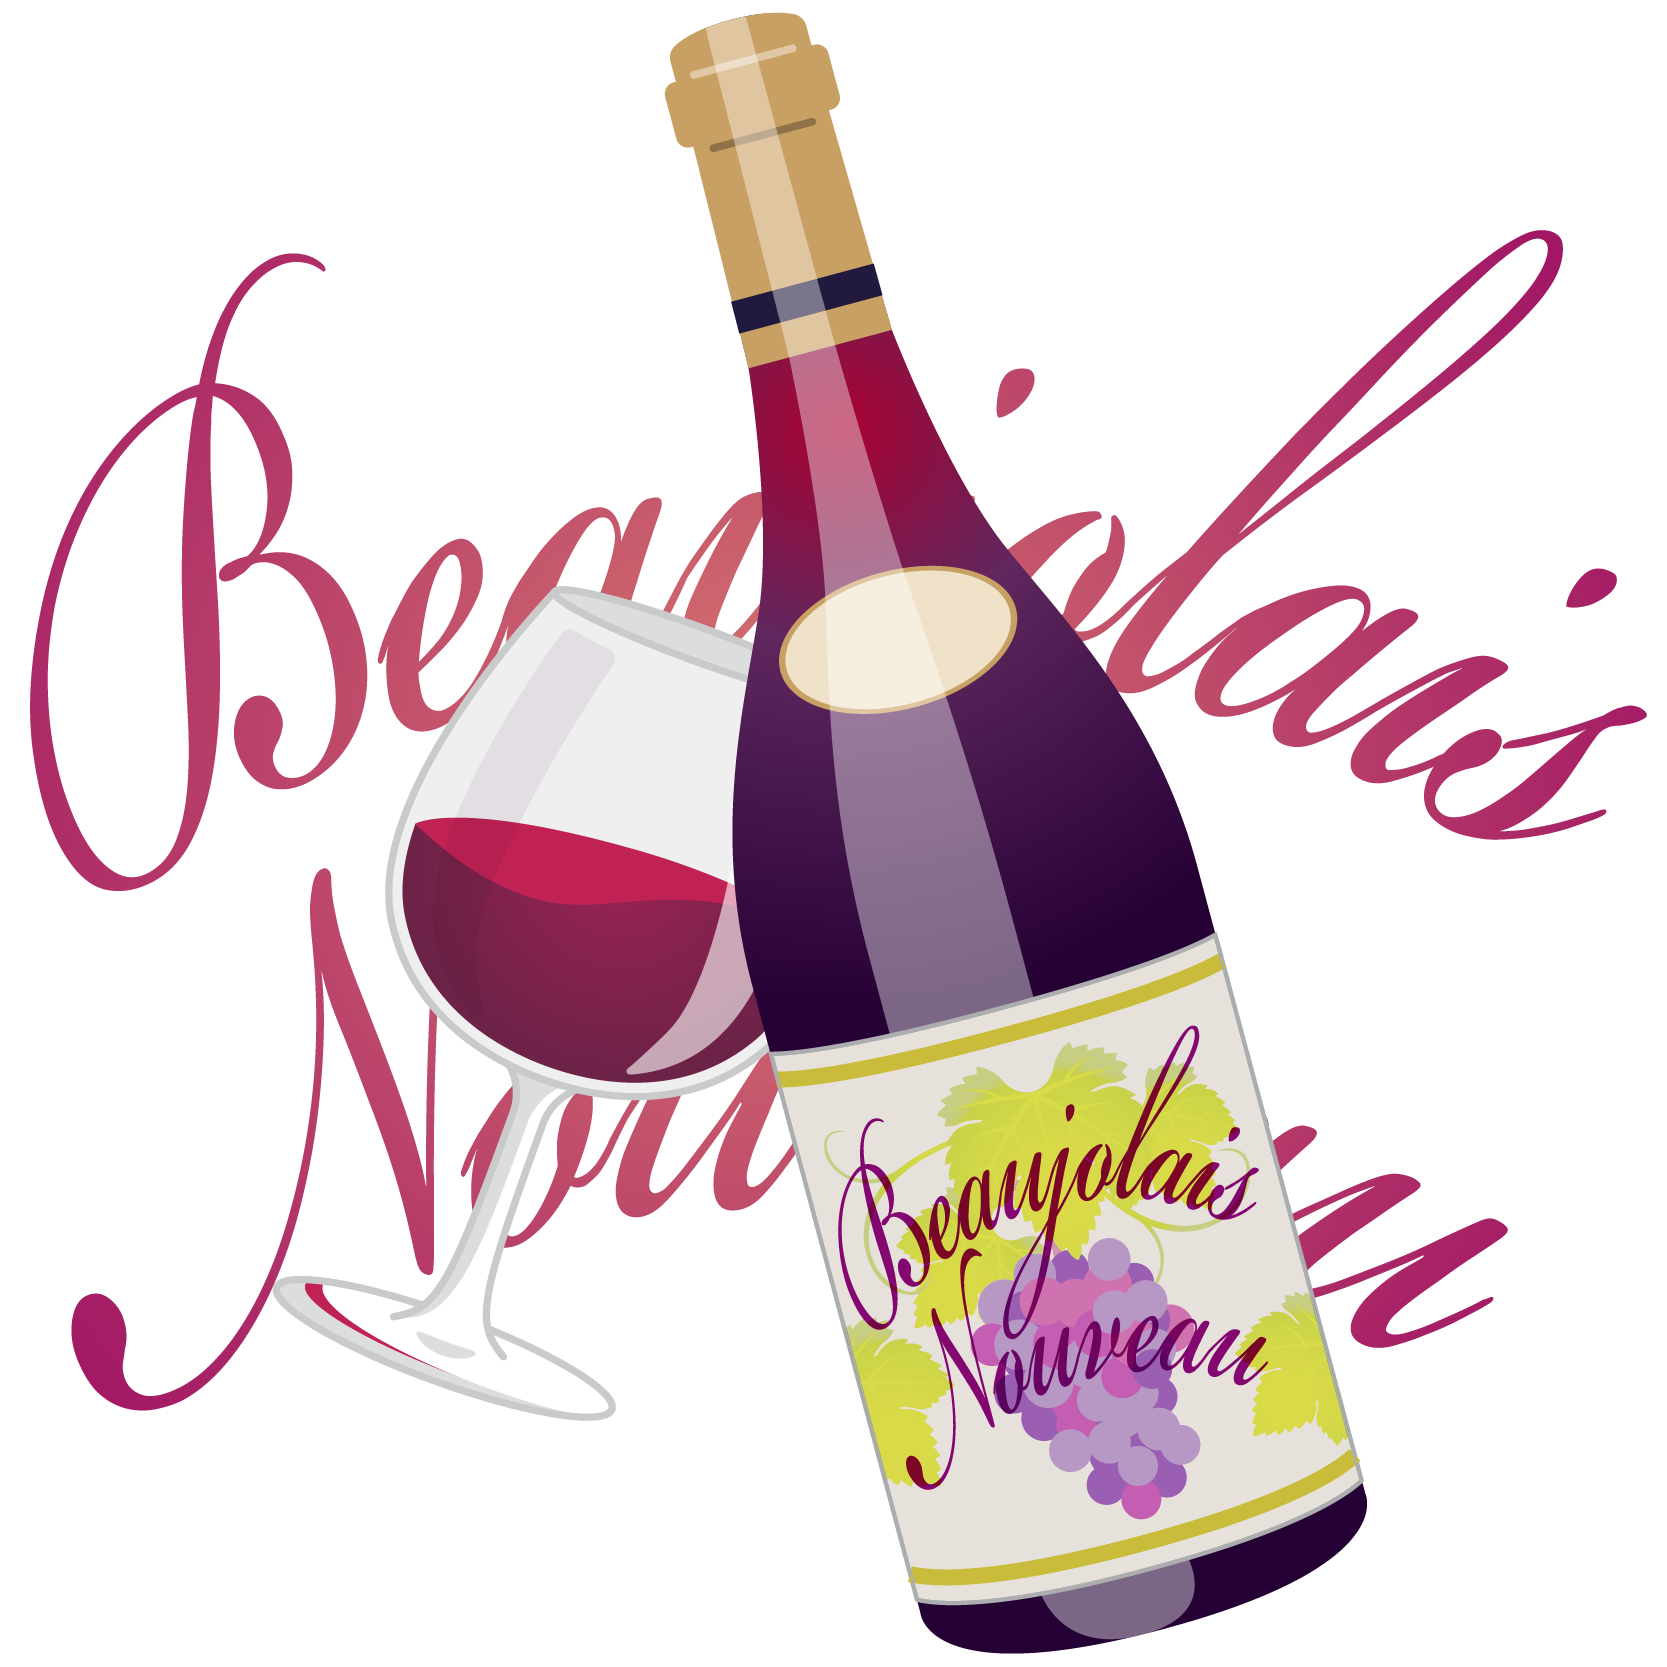 商用フリーイラスト_11月_ボジョレーヌーボー_ワイン_赤_ボトル&グラス04反転_文字_Beaujolais Nouveau